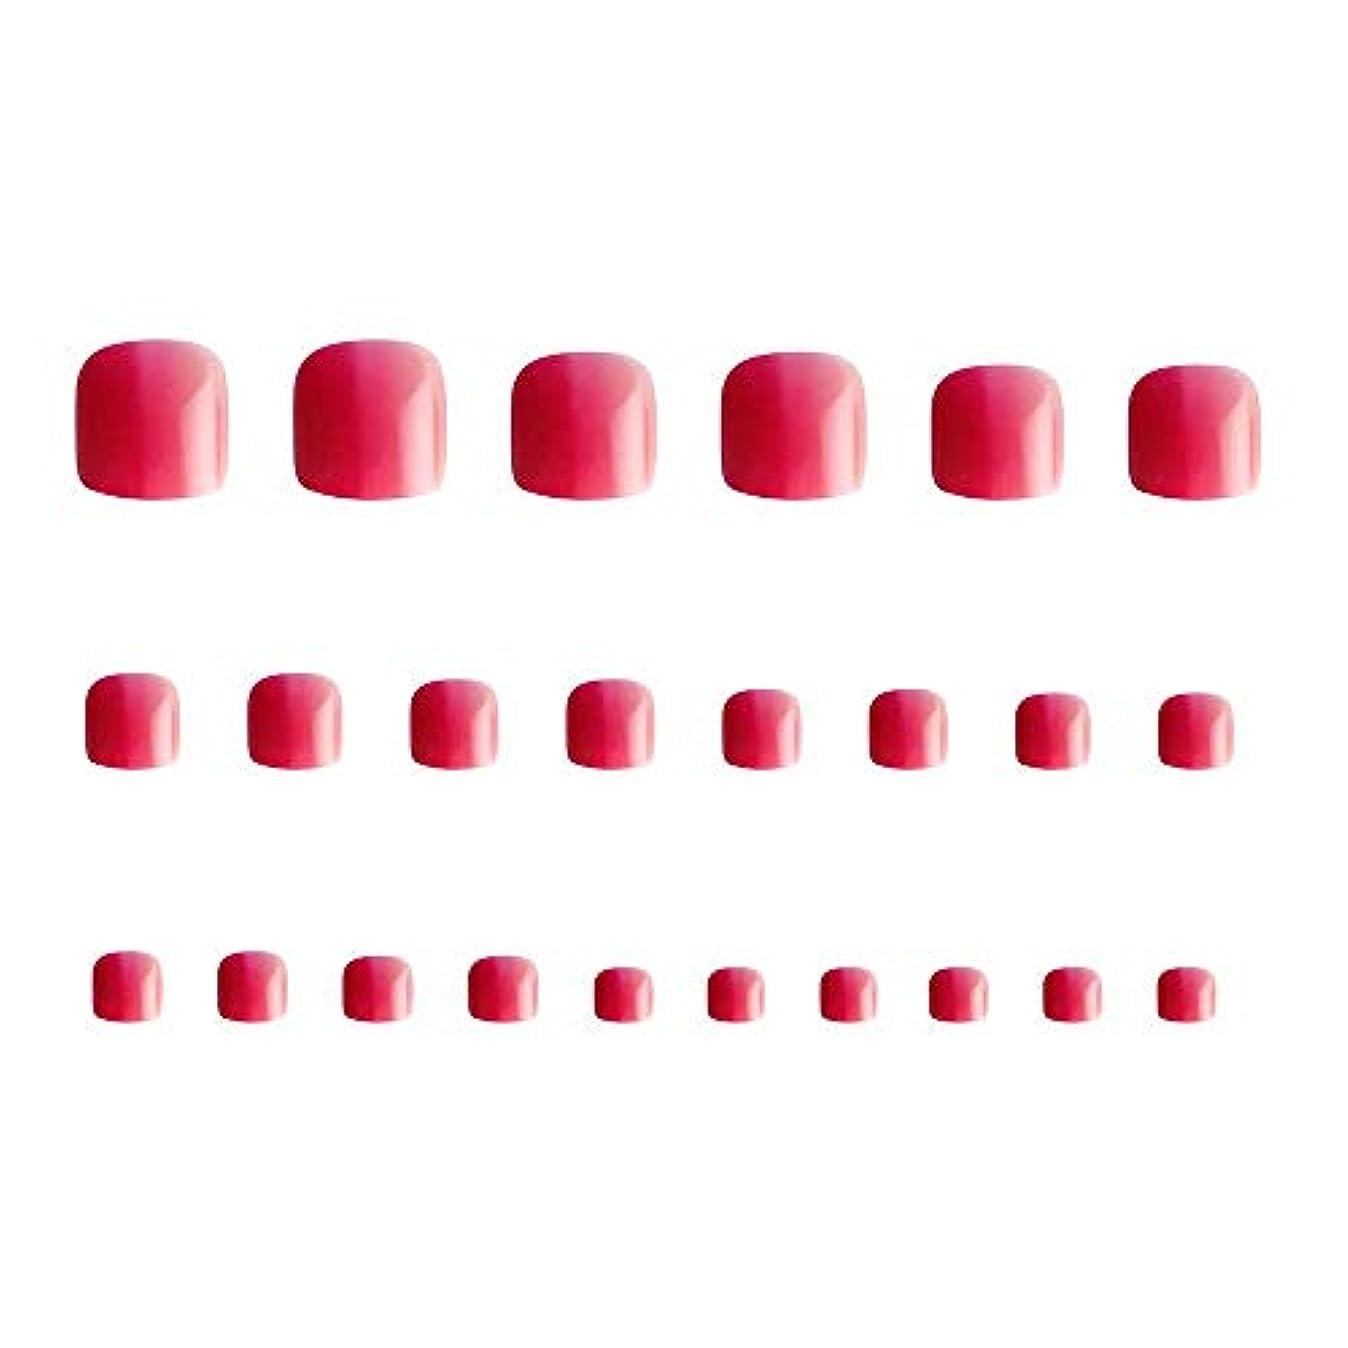 食欲メディア引用24枚 12別サイズ つや 足の爪 ピンク グラデーション 短い 四角形ネイルチップ フルカバー